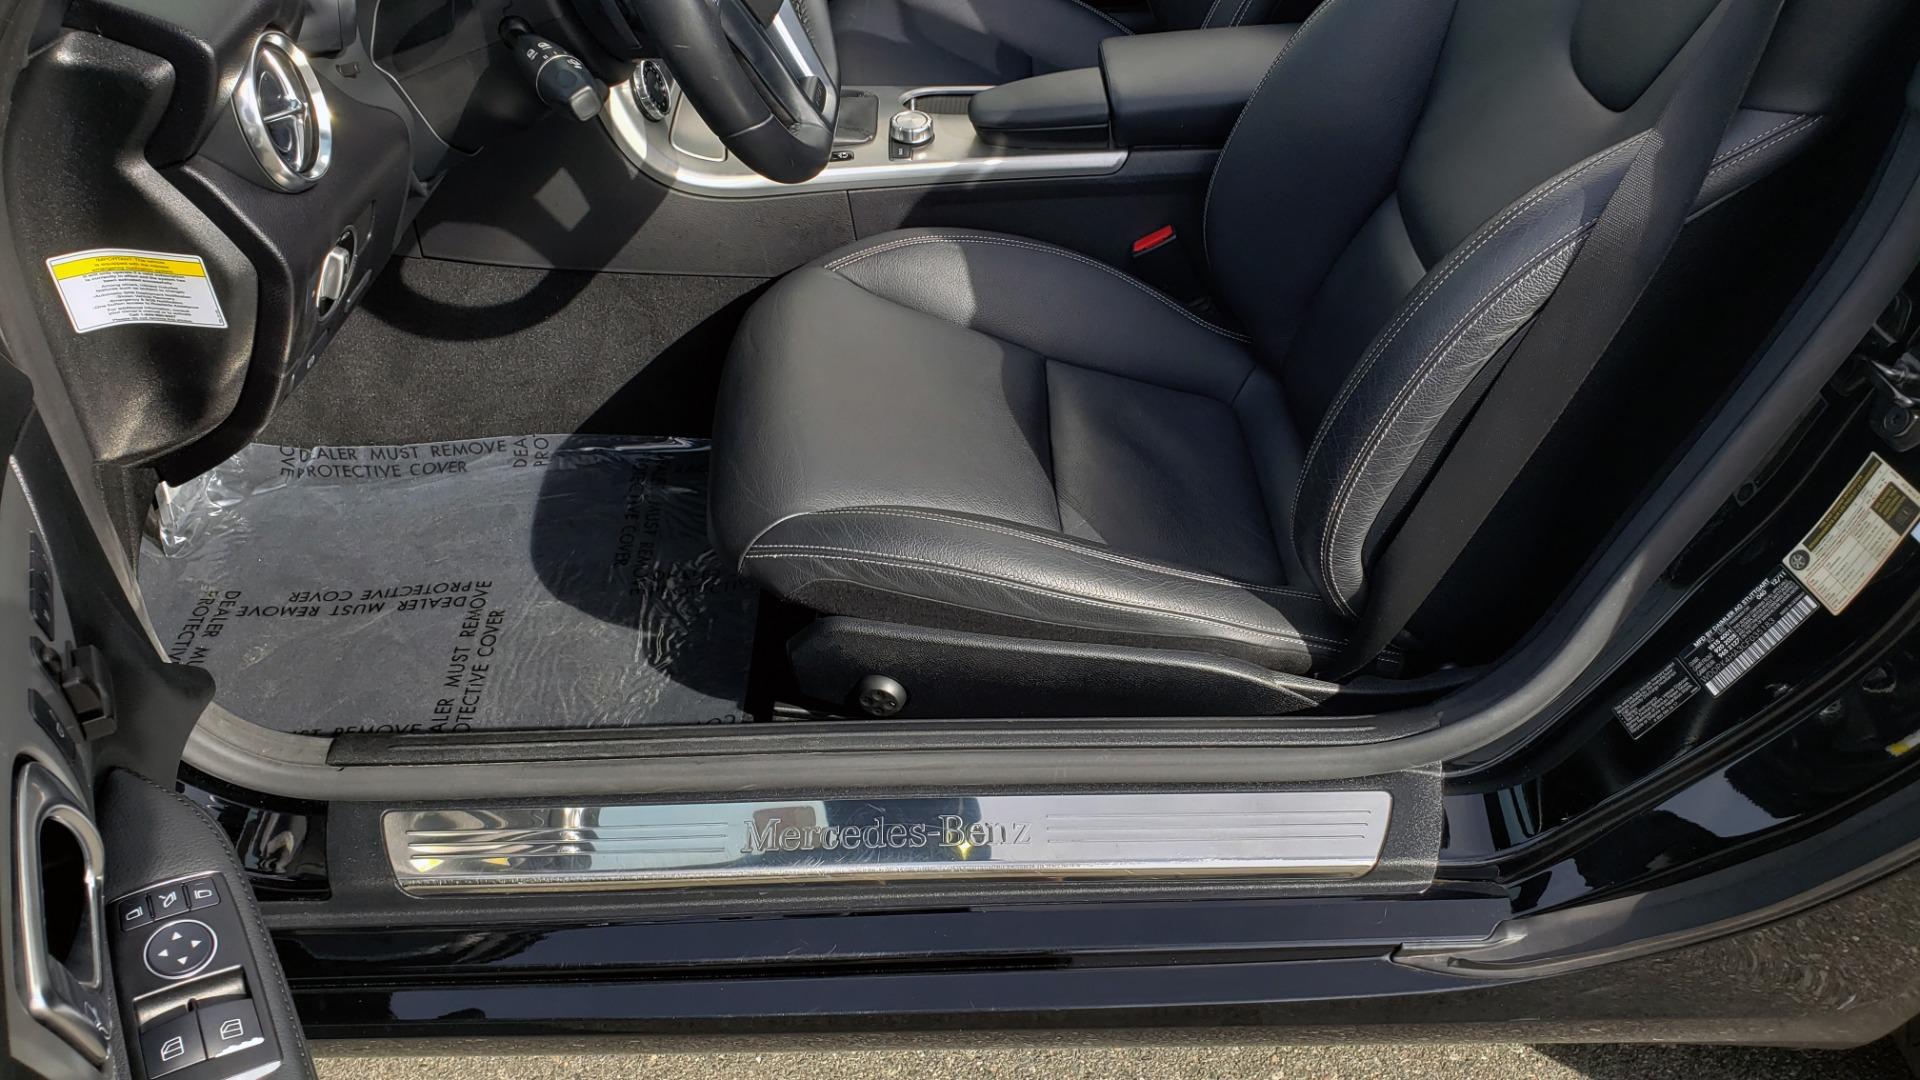 Used 2012 Mercedes-Benz SLK-CLASS SLK 250 ROADSTER / PREM 1 PKG / COMAND LAUNCH PKG / 7-SPD AUTO for sale $24,995 at Formula Imports in Charlotte NC 28227 22